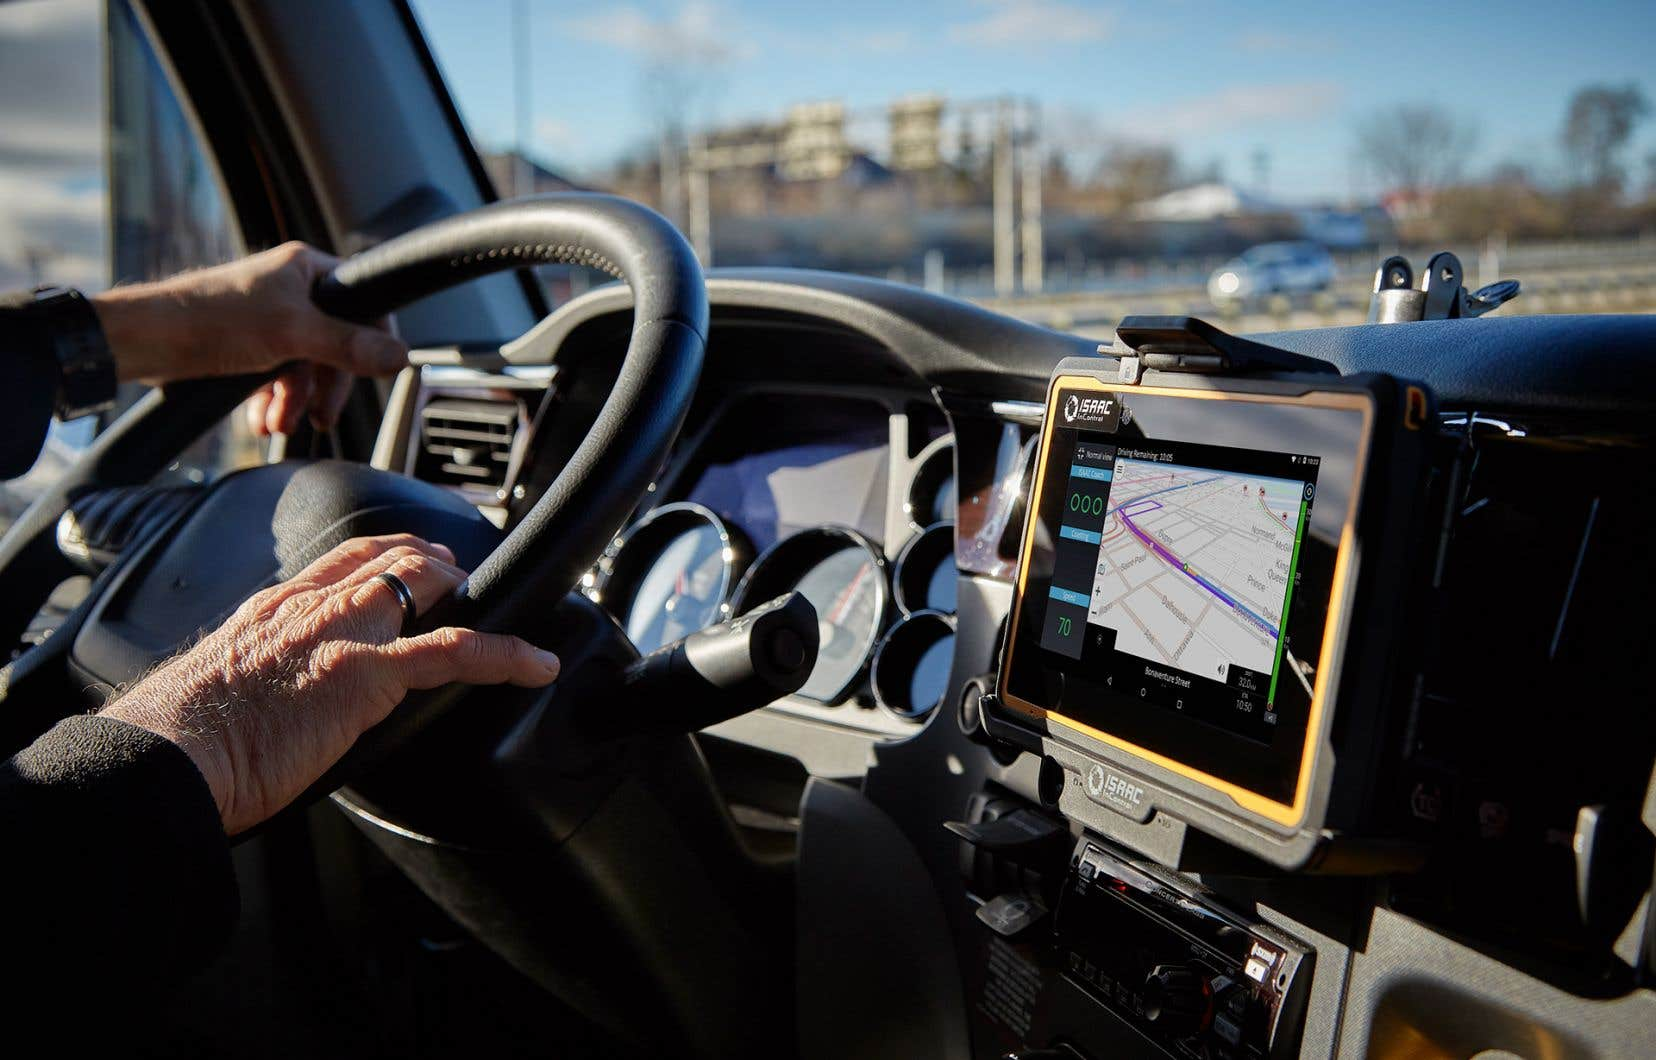 Les camions de transport sont désormais équipés de technologies permettant de récolter des données dans le but d'optimiser les performances et de réduire les dépenses en carburant.